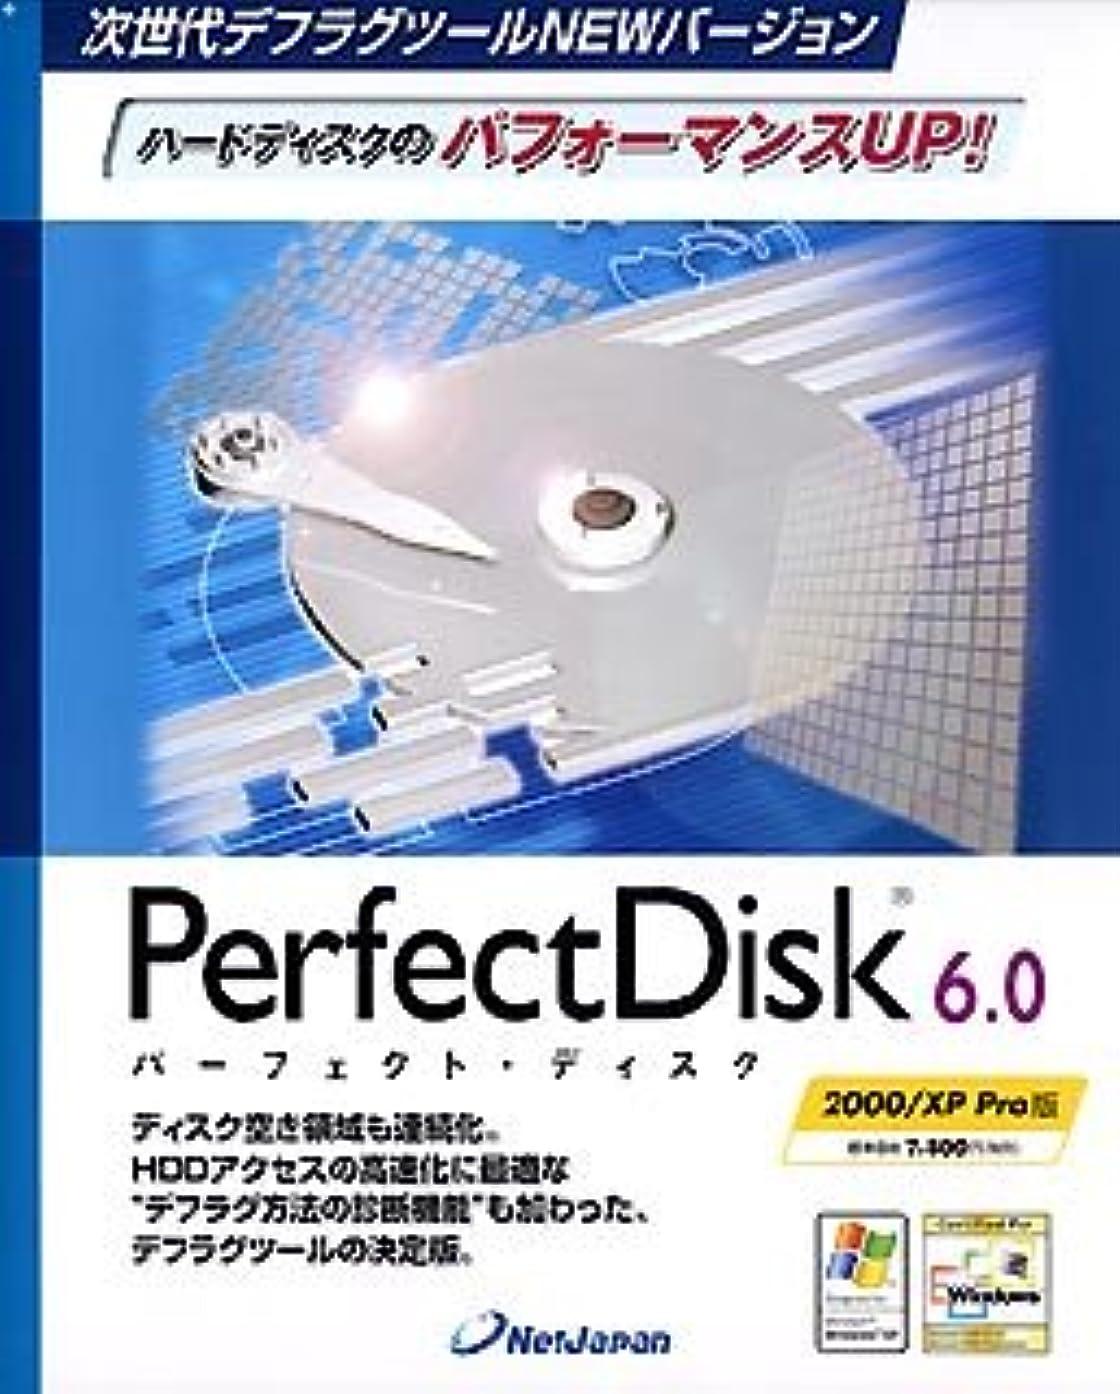 ヘルパー元のブラストPerfectDisk 6.0 2000/XP Pro版